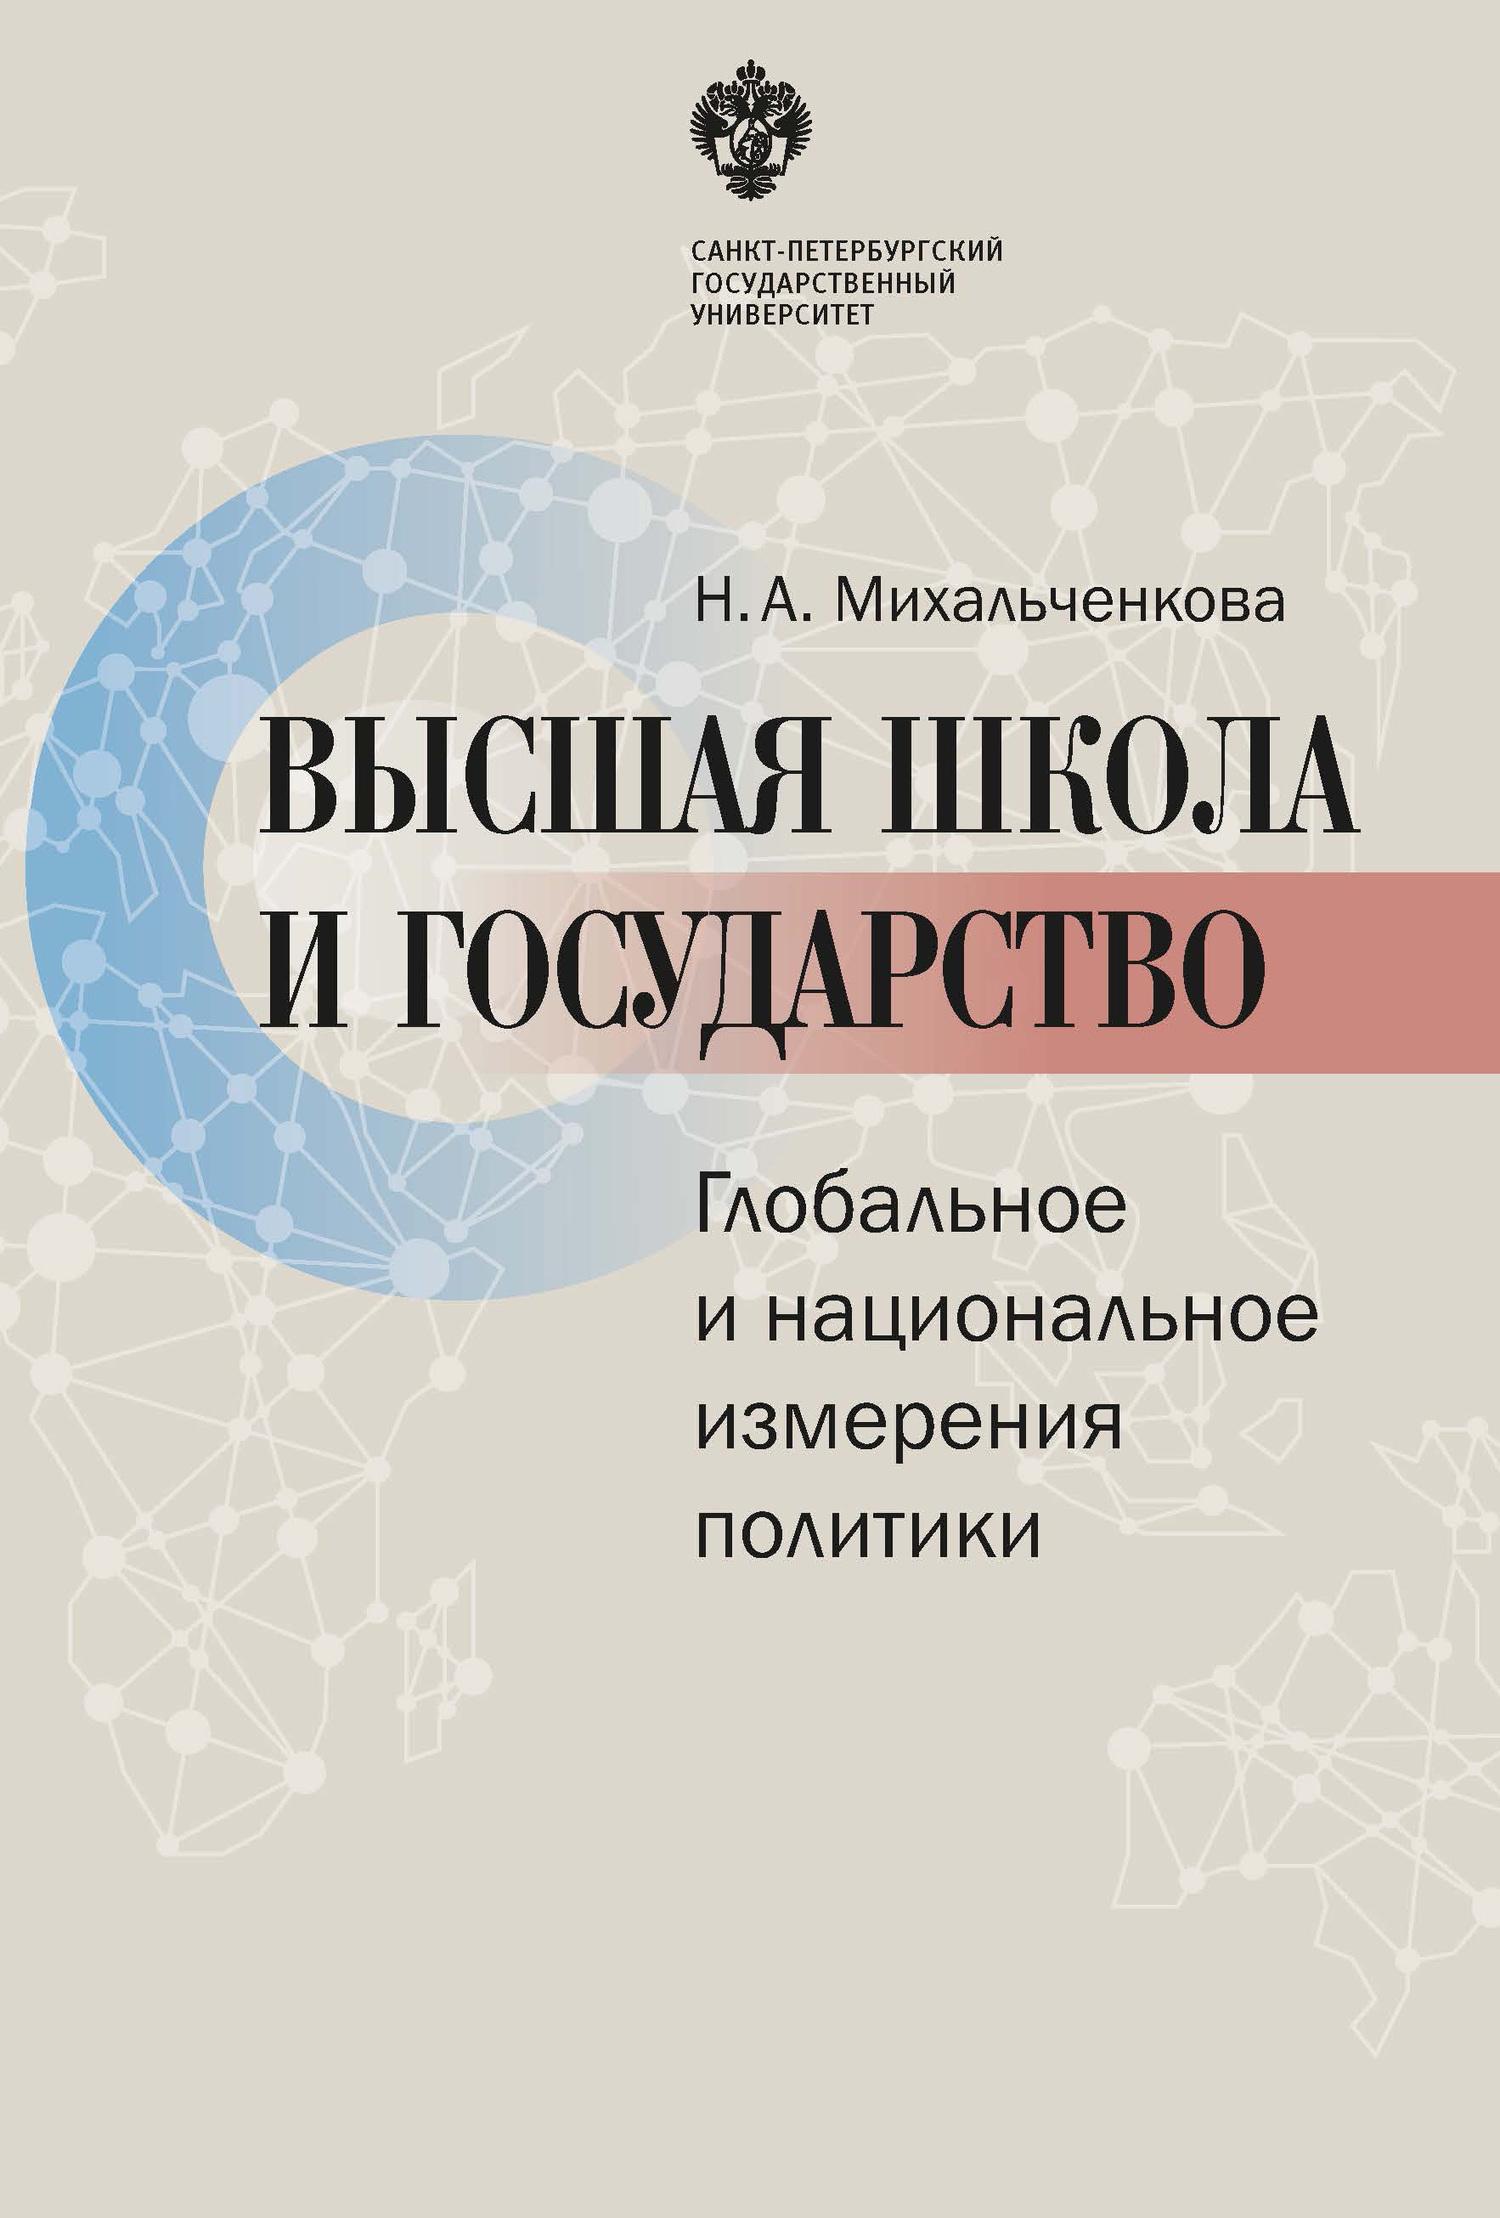 Обложка книги. Автор - Наталья Михальченкова